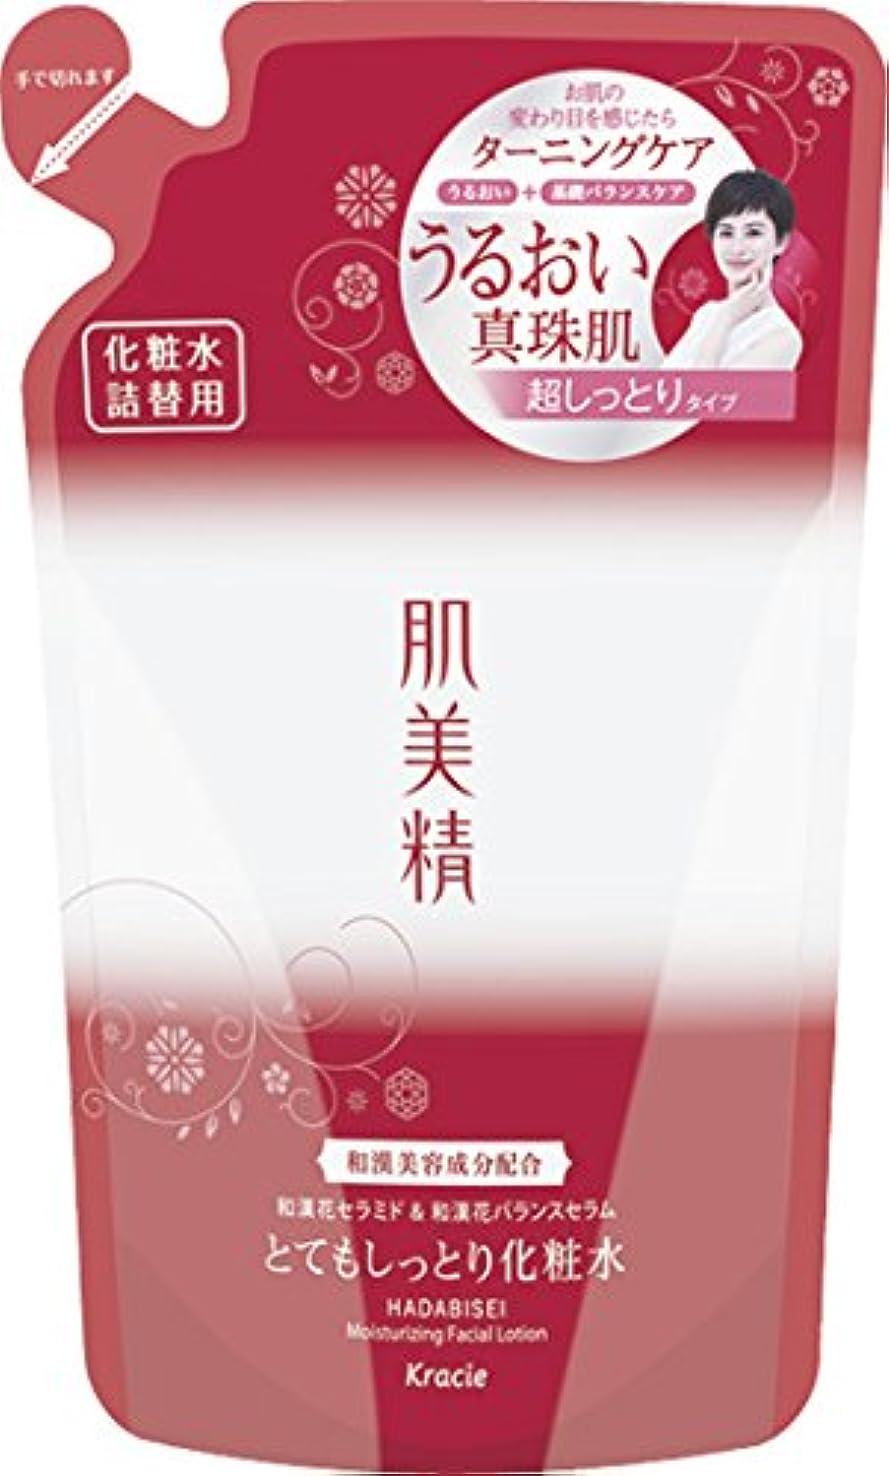 マウスセンサー豊かにする肌美精 潤濃ターニングケア保湿 とてもしっとり化粧水 詰替用 180mL